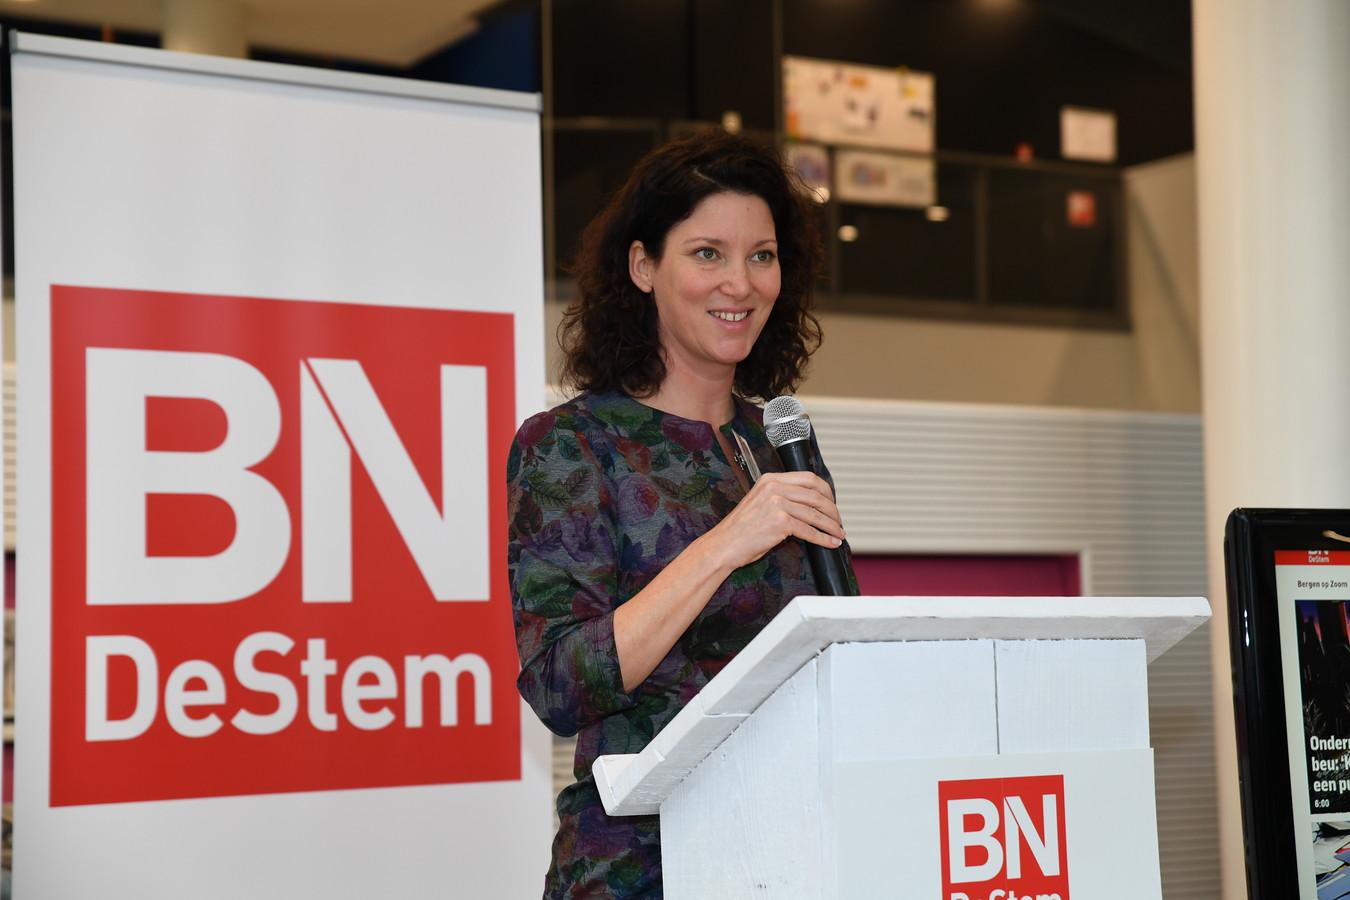 Hoofdredacteur Hille van der Kaa vertrekt bij BN DeStem. ,,Ik heb me altijd thuis gevoeld in ons gebied. Van de vette klei in Zeeuws-Vlaanderen tot de stadse fratsen van Breda.''